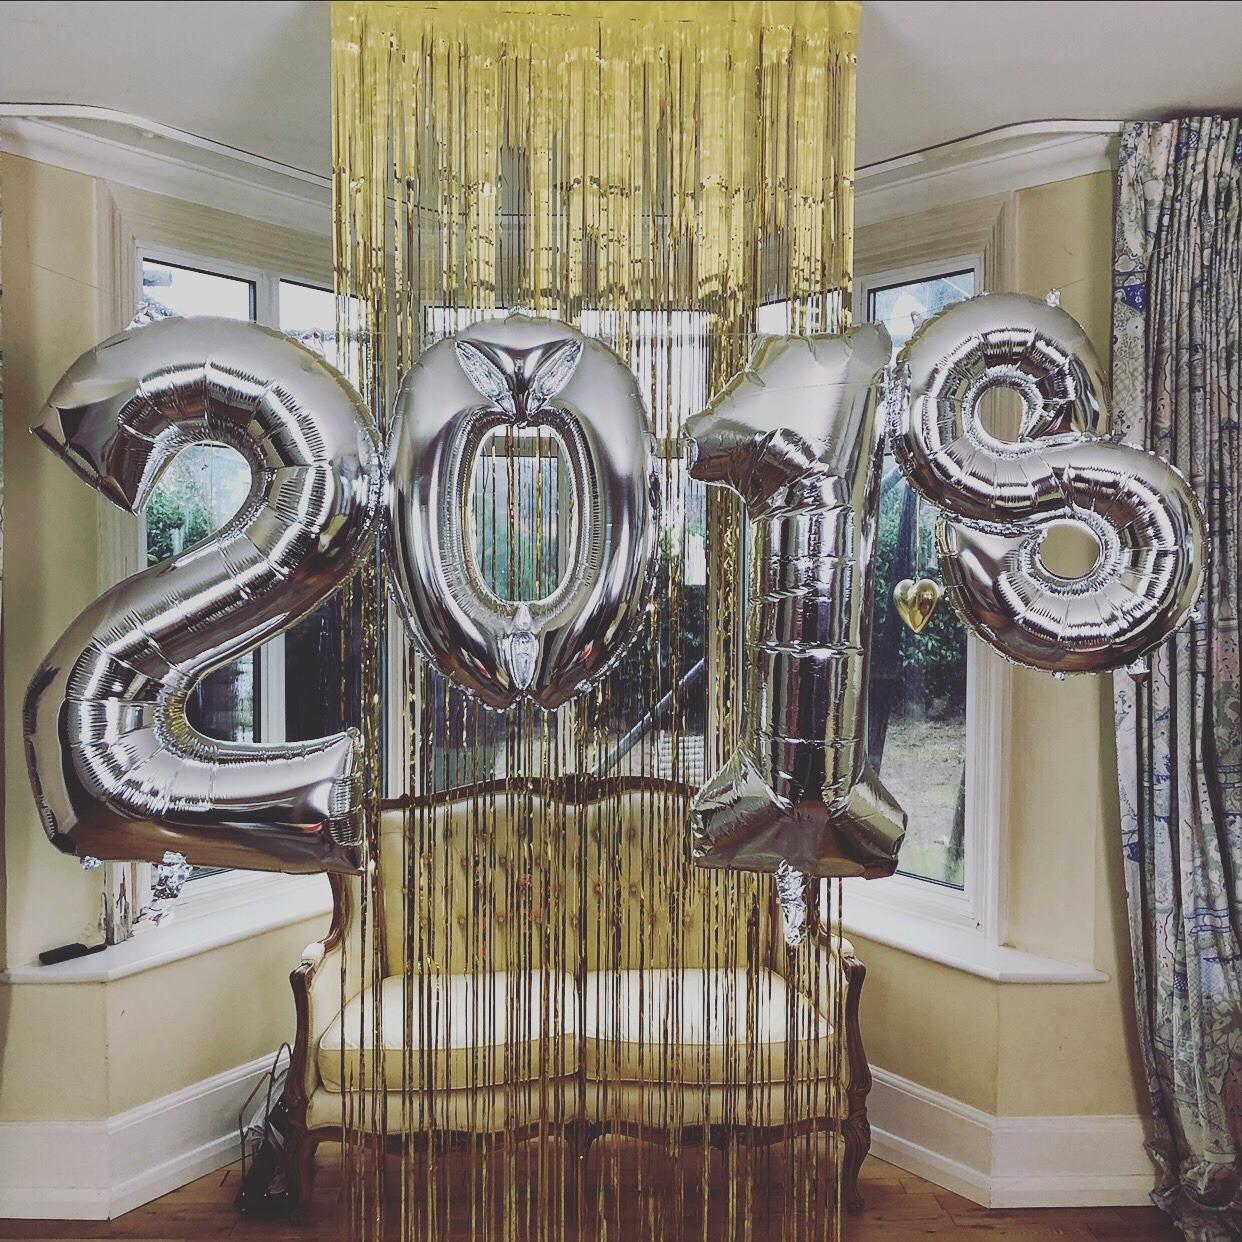 New year, new me, blah blah blah | Lifestyle